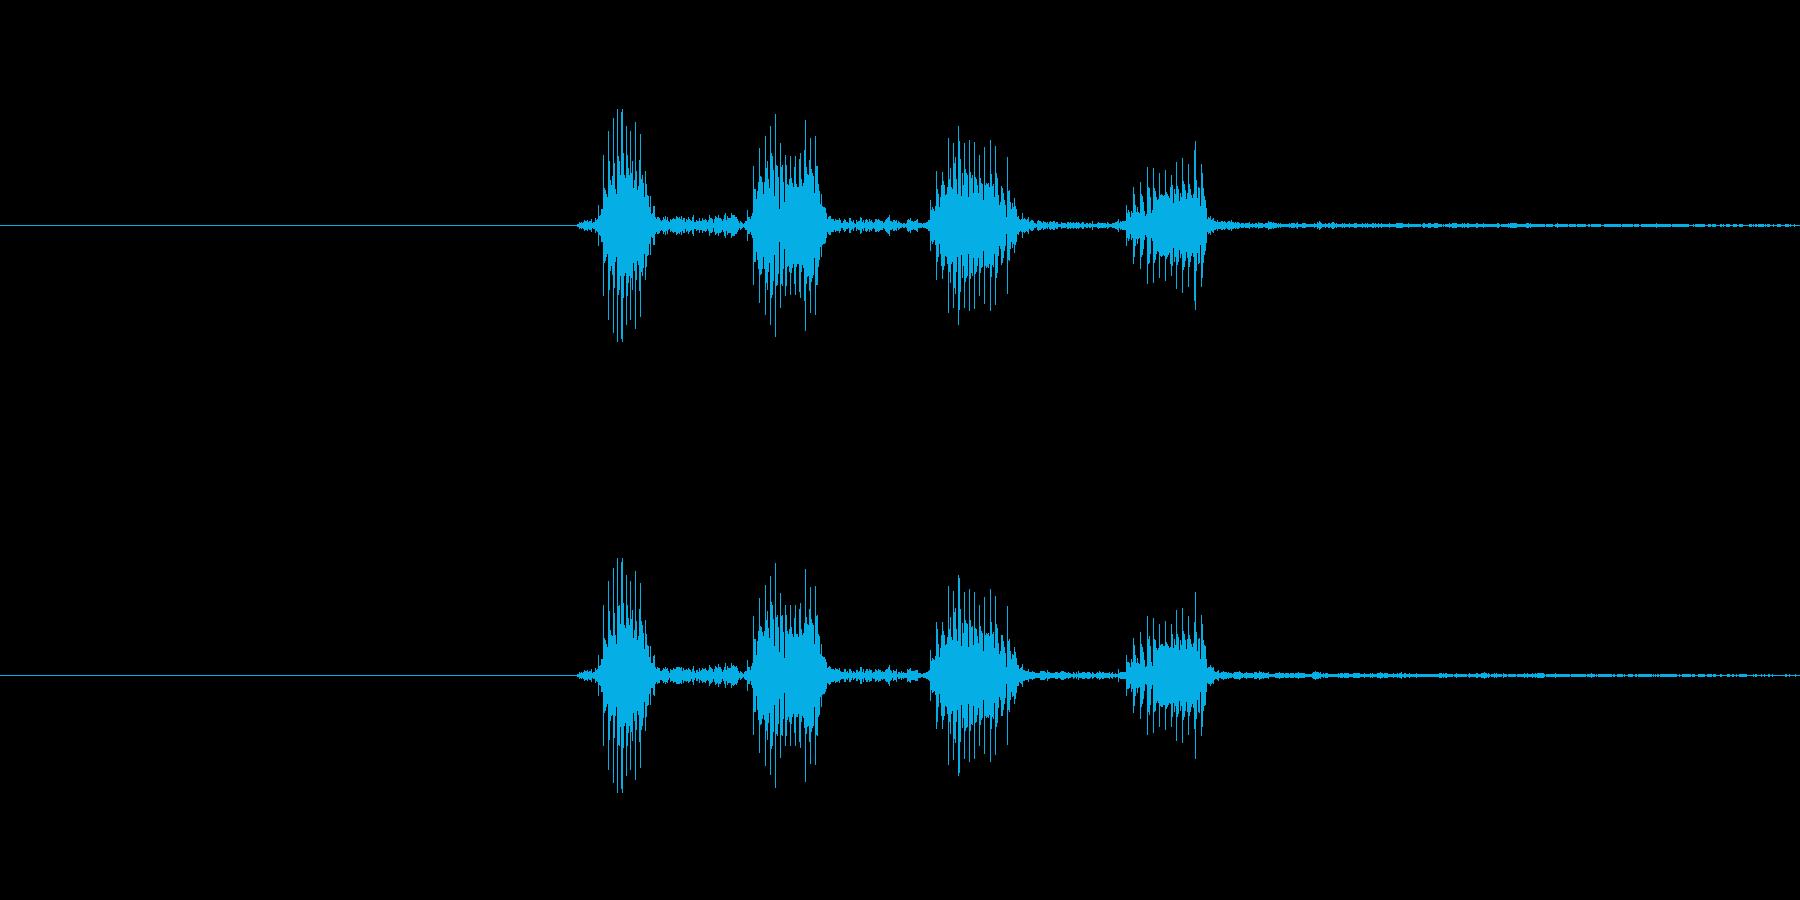 キャラクターの笑い声(キャハハ)中程音の再生済みの波形